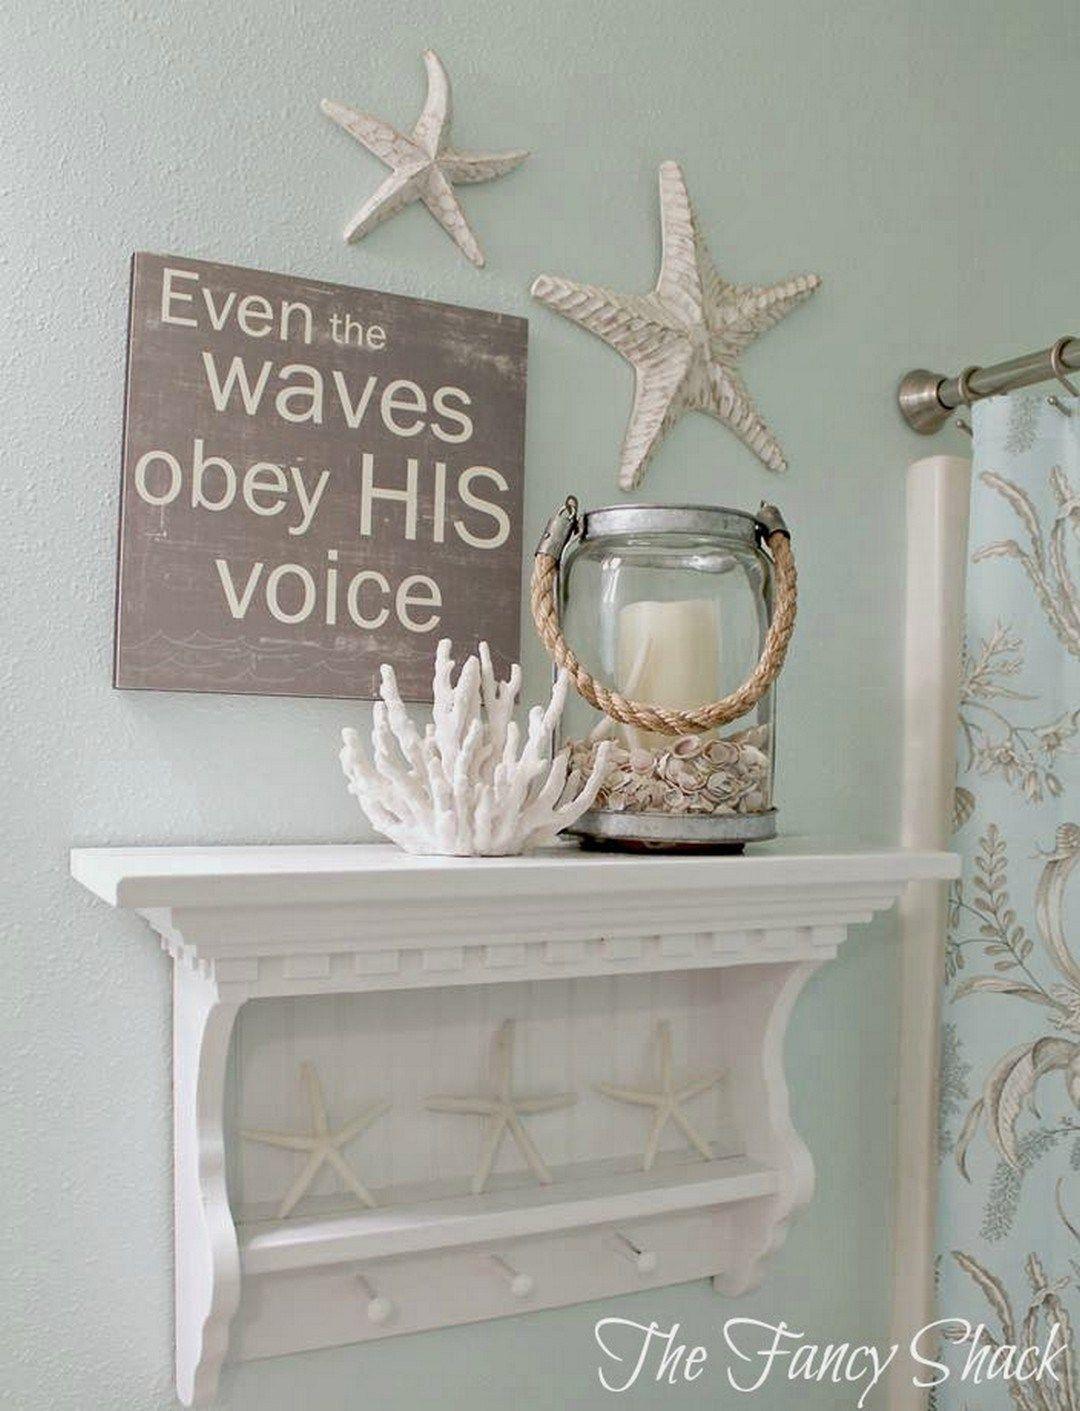 99 perfect for a beach themed bathroom ideas 32 sea ideas deco rh pinterest com